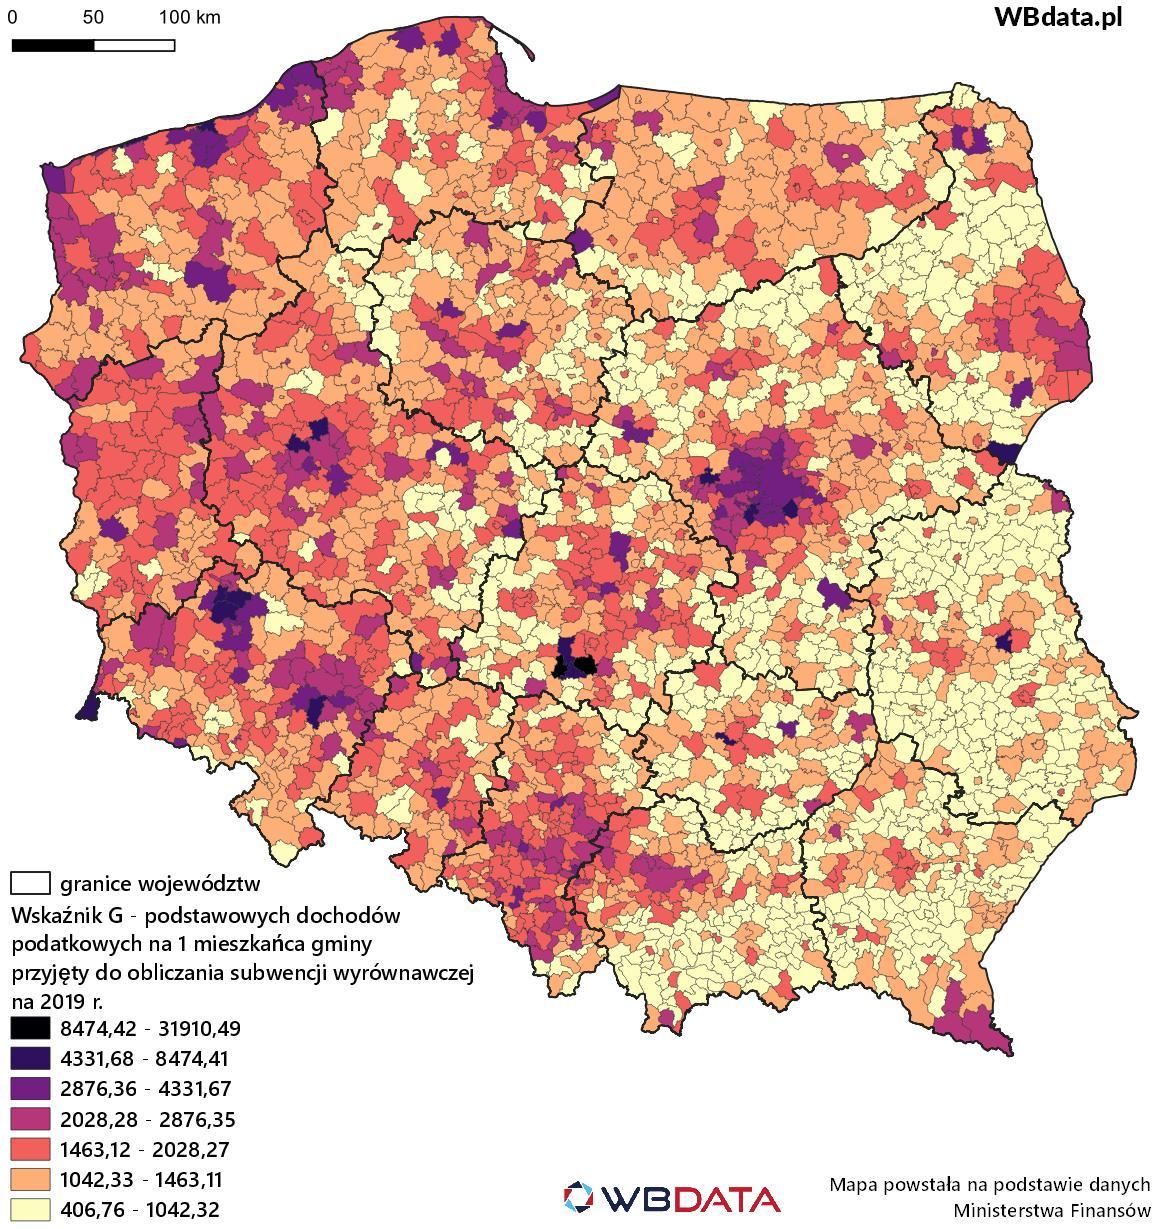 Mapa przedstawia dochody podatkowe na mieszkańca gmin